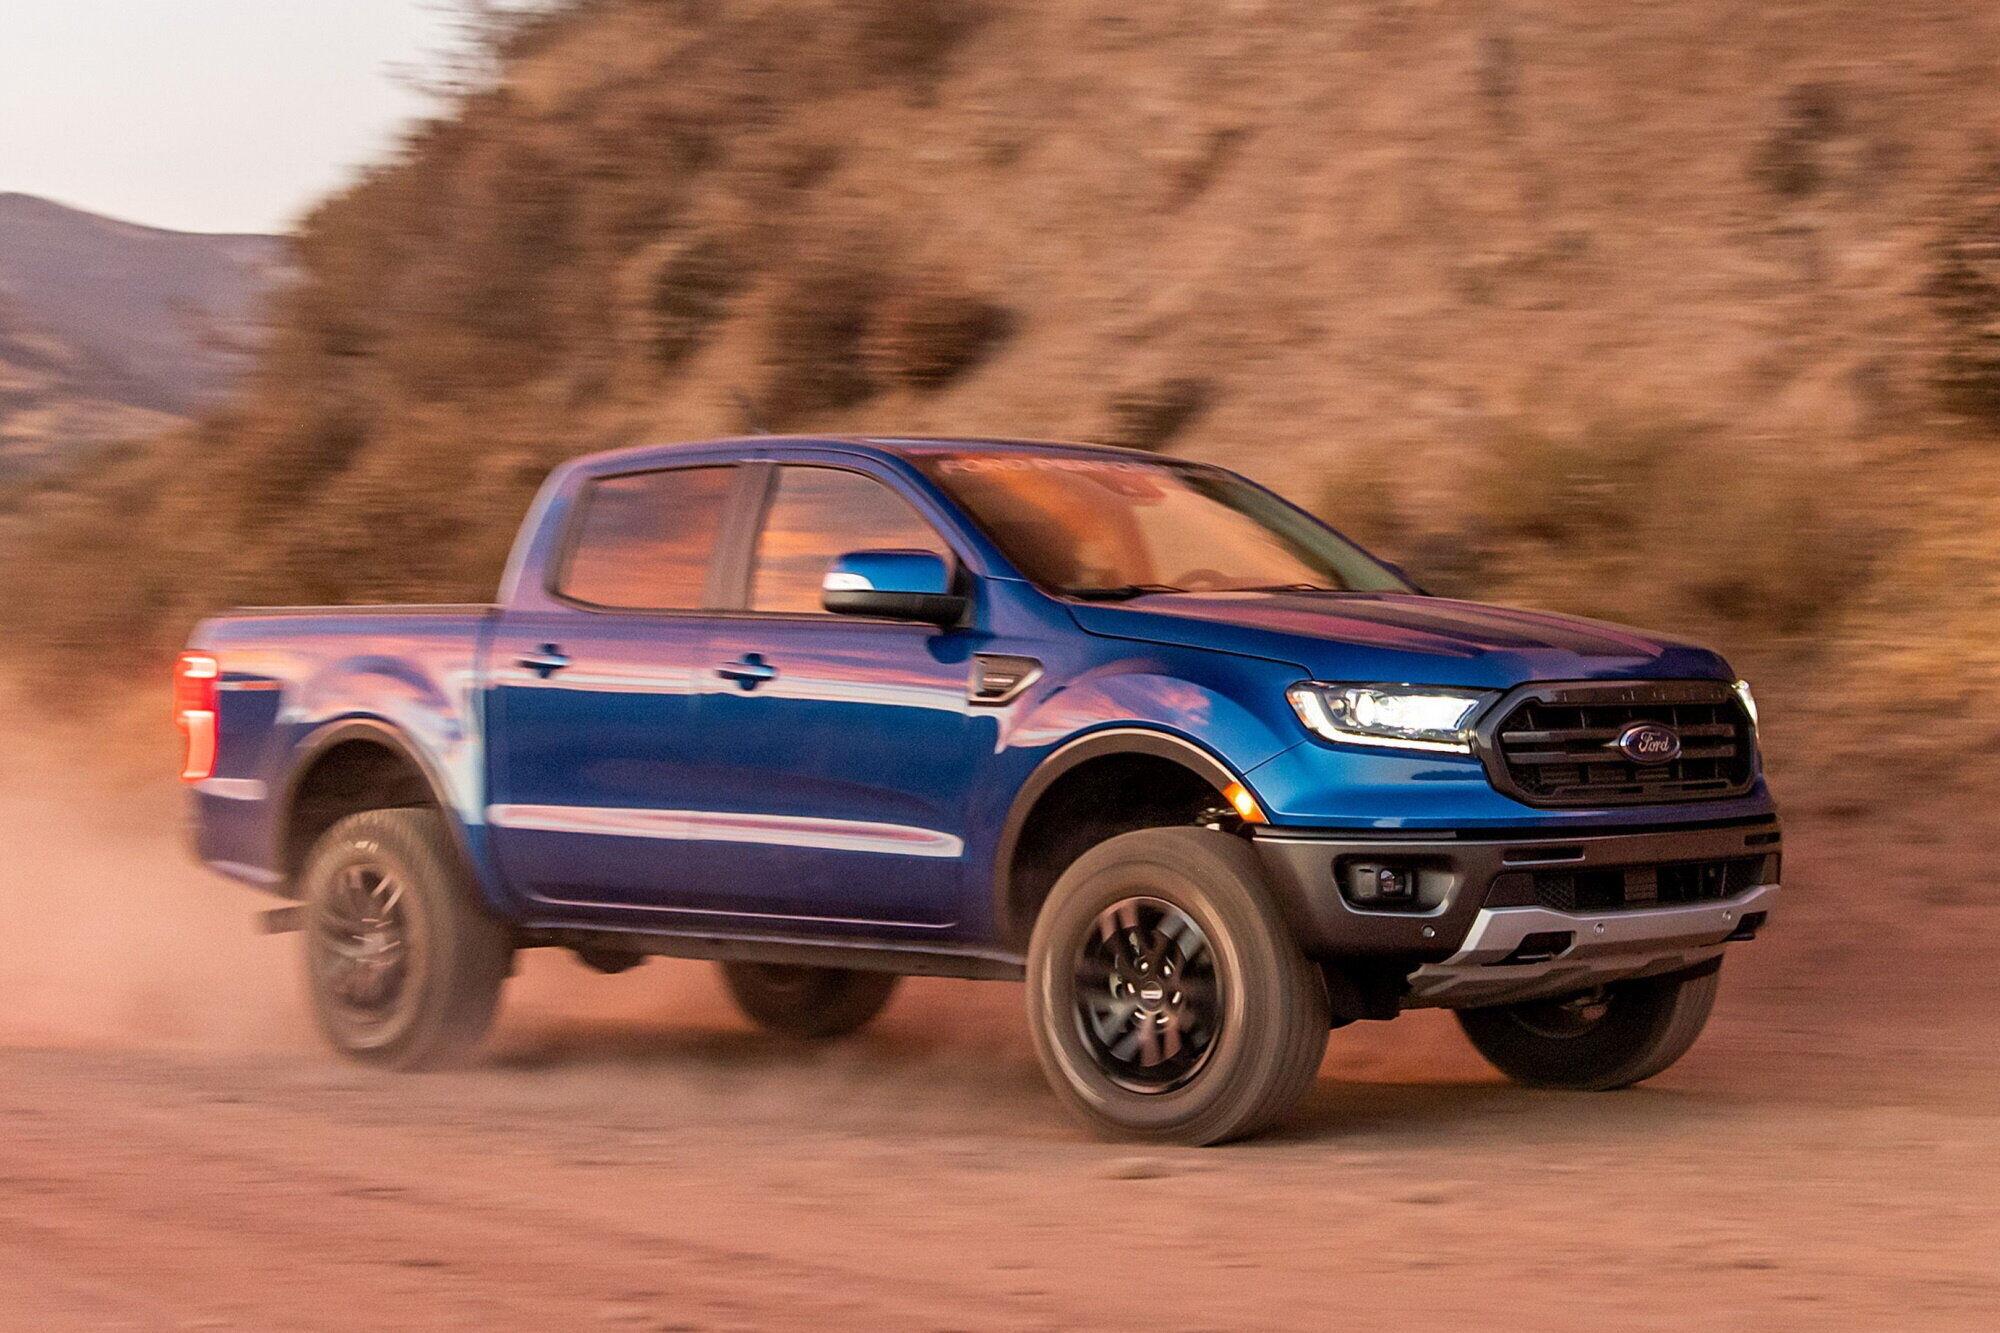 Ford Ranger разработали в Австралии, но сегодня это самый американский автомобиль.